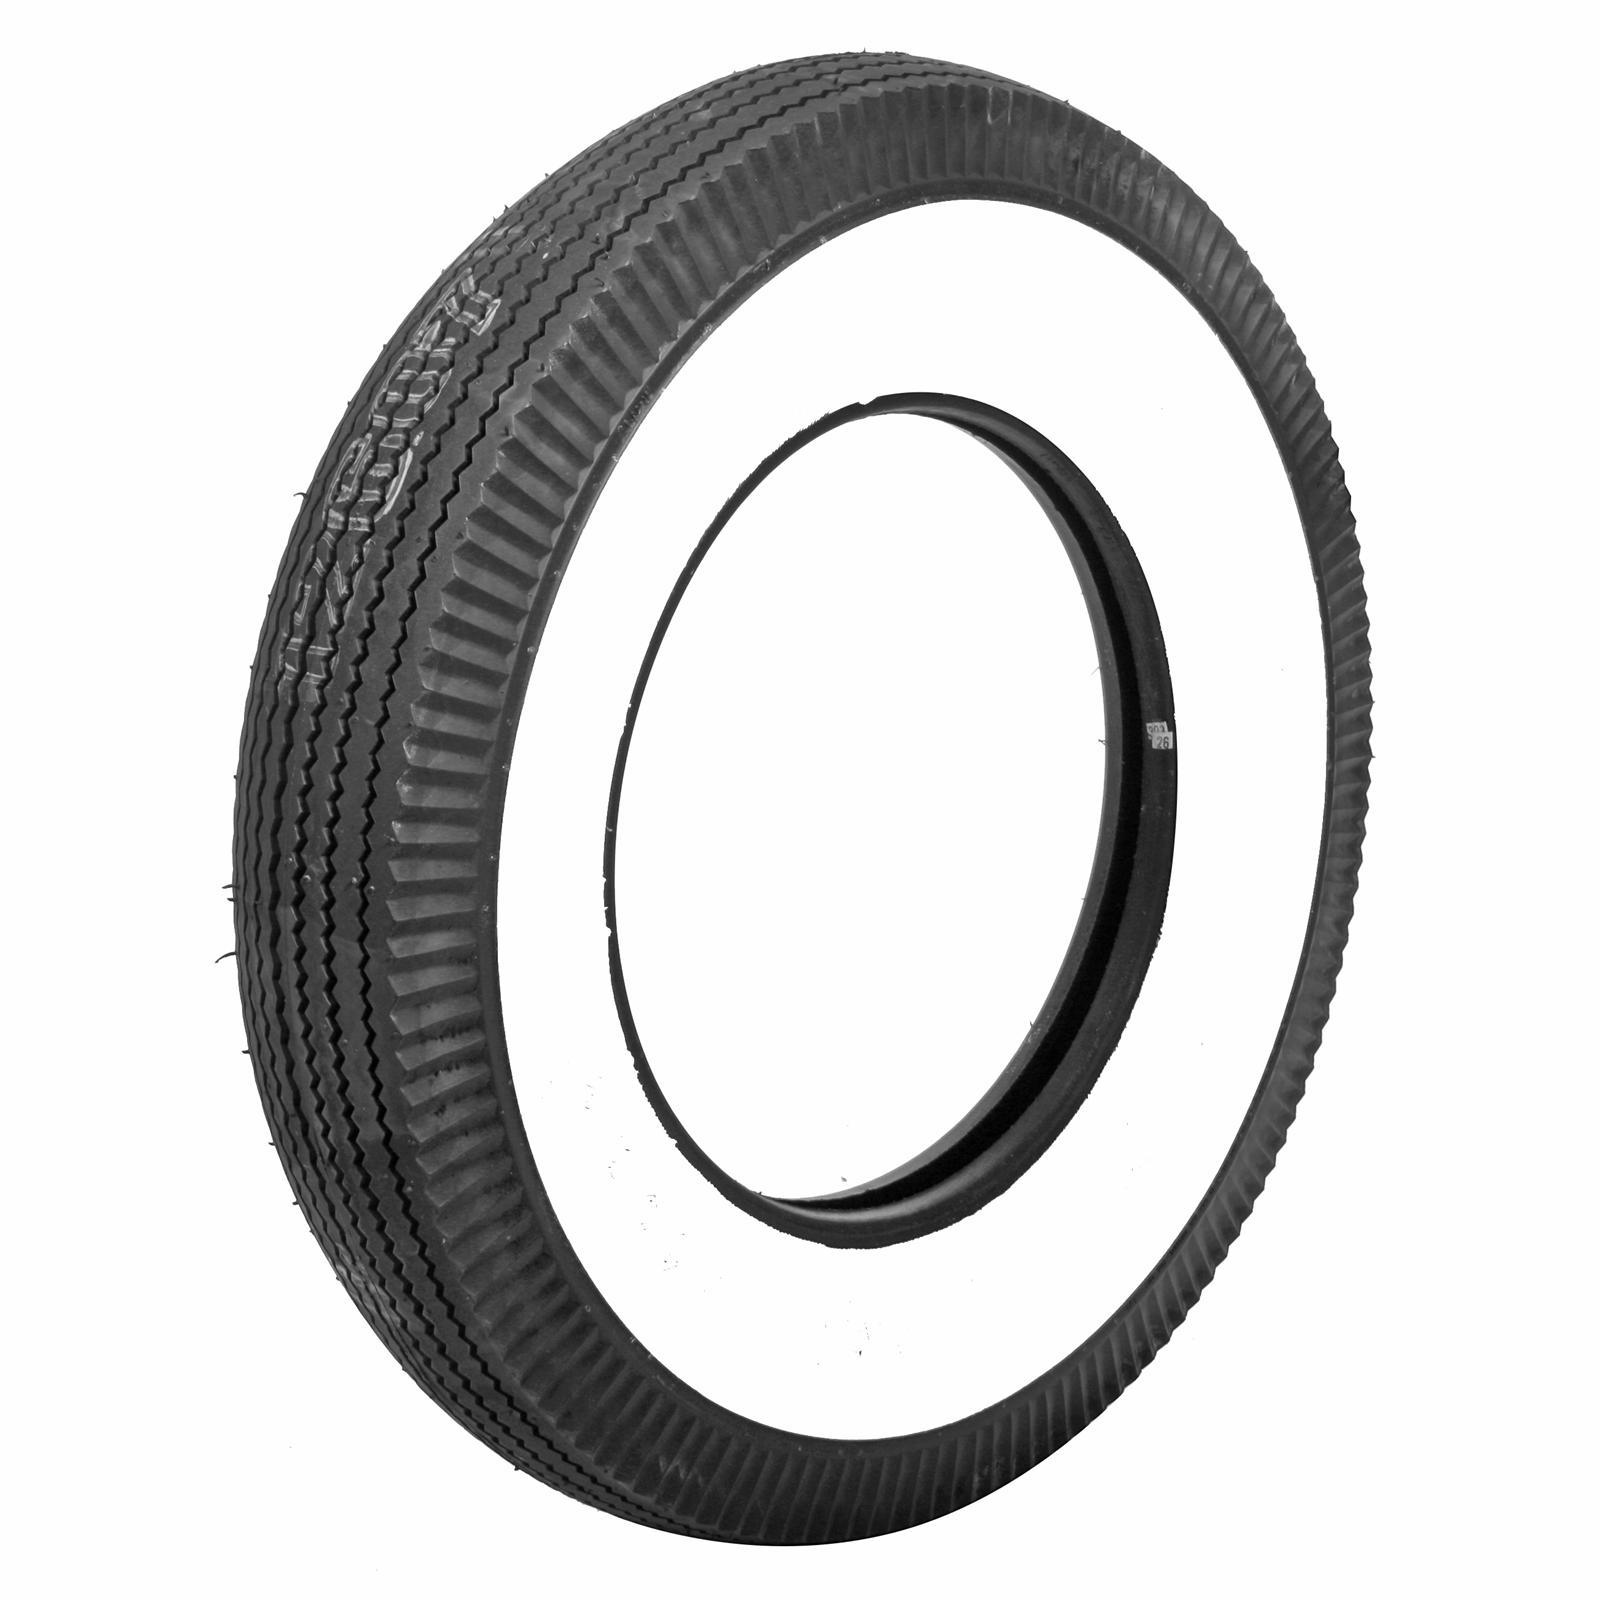 coker firestone vintage bias tire